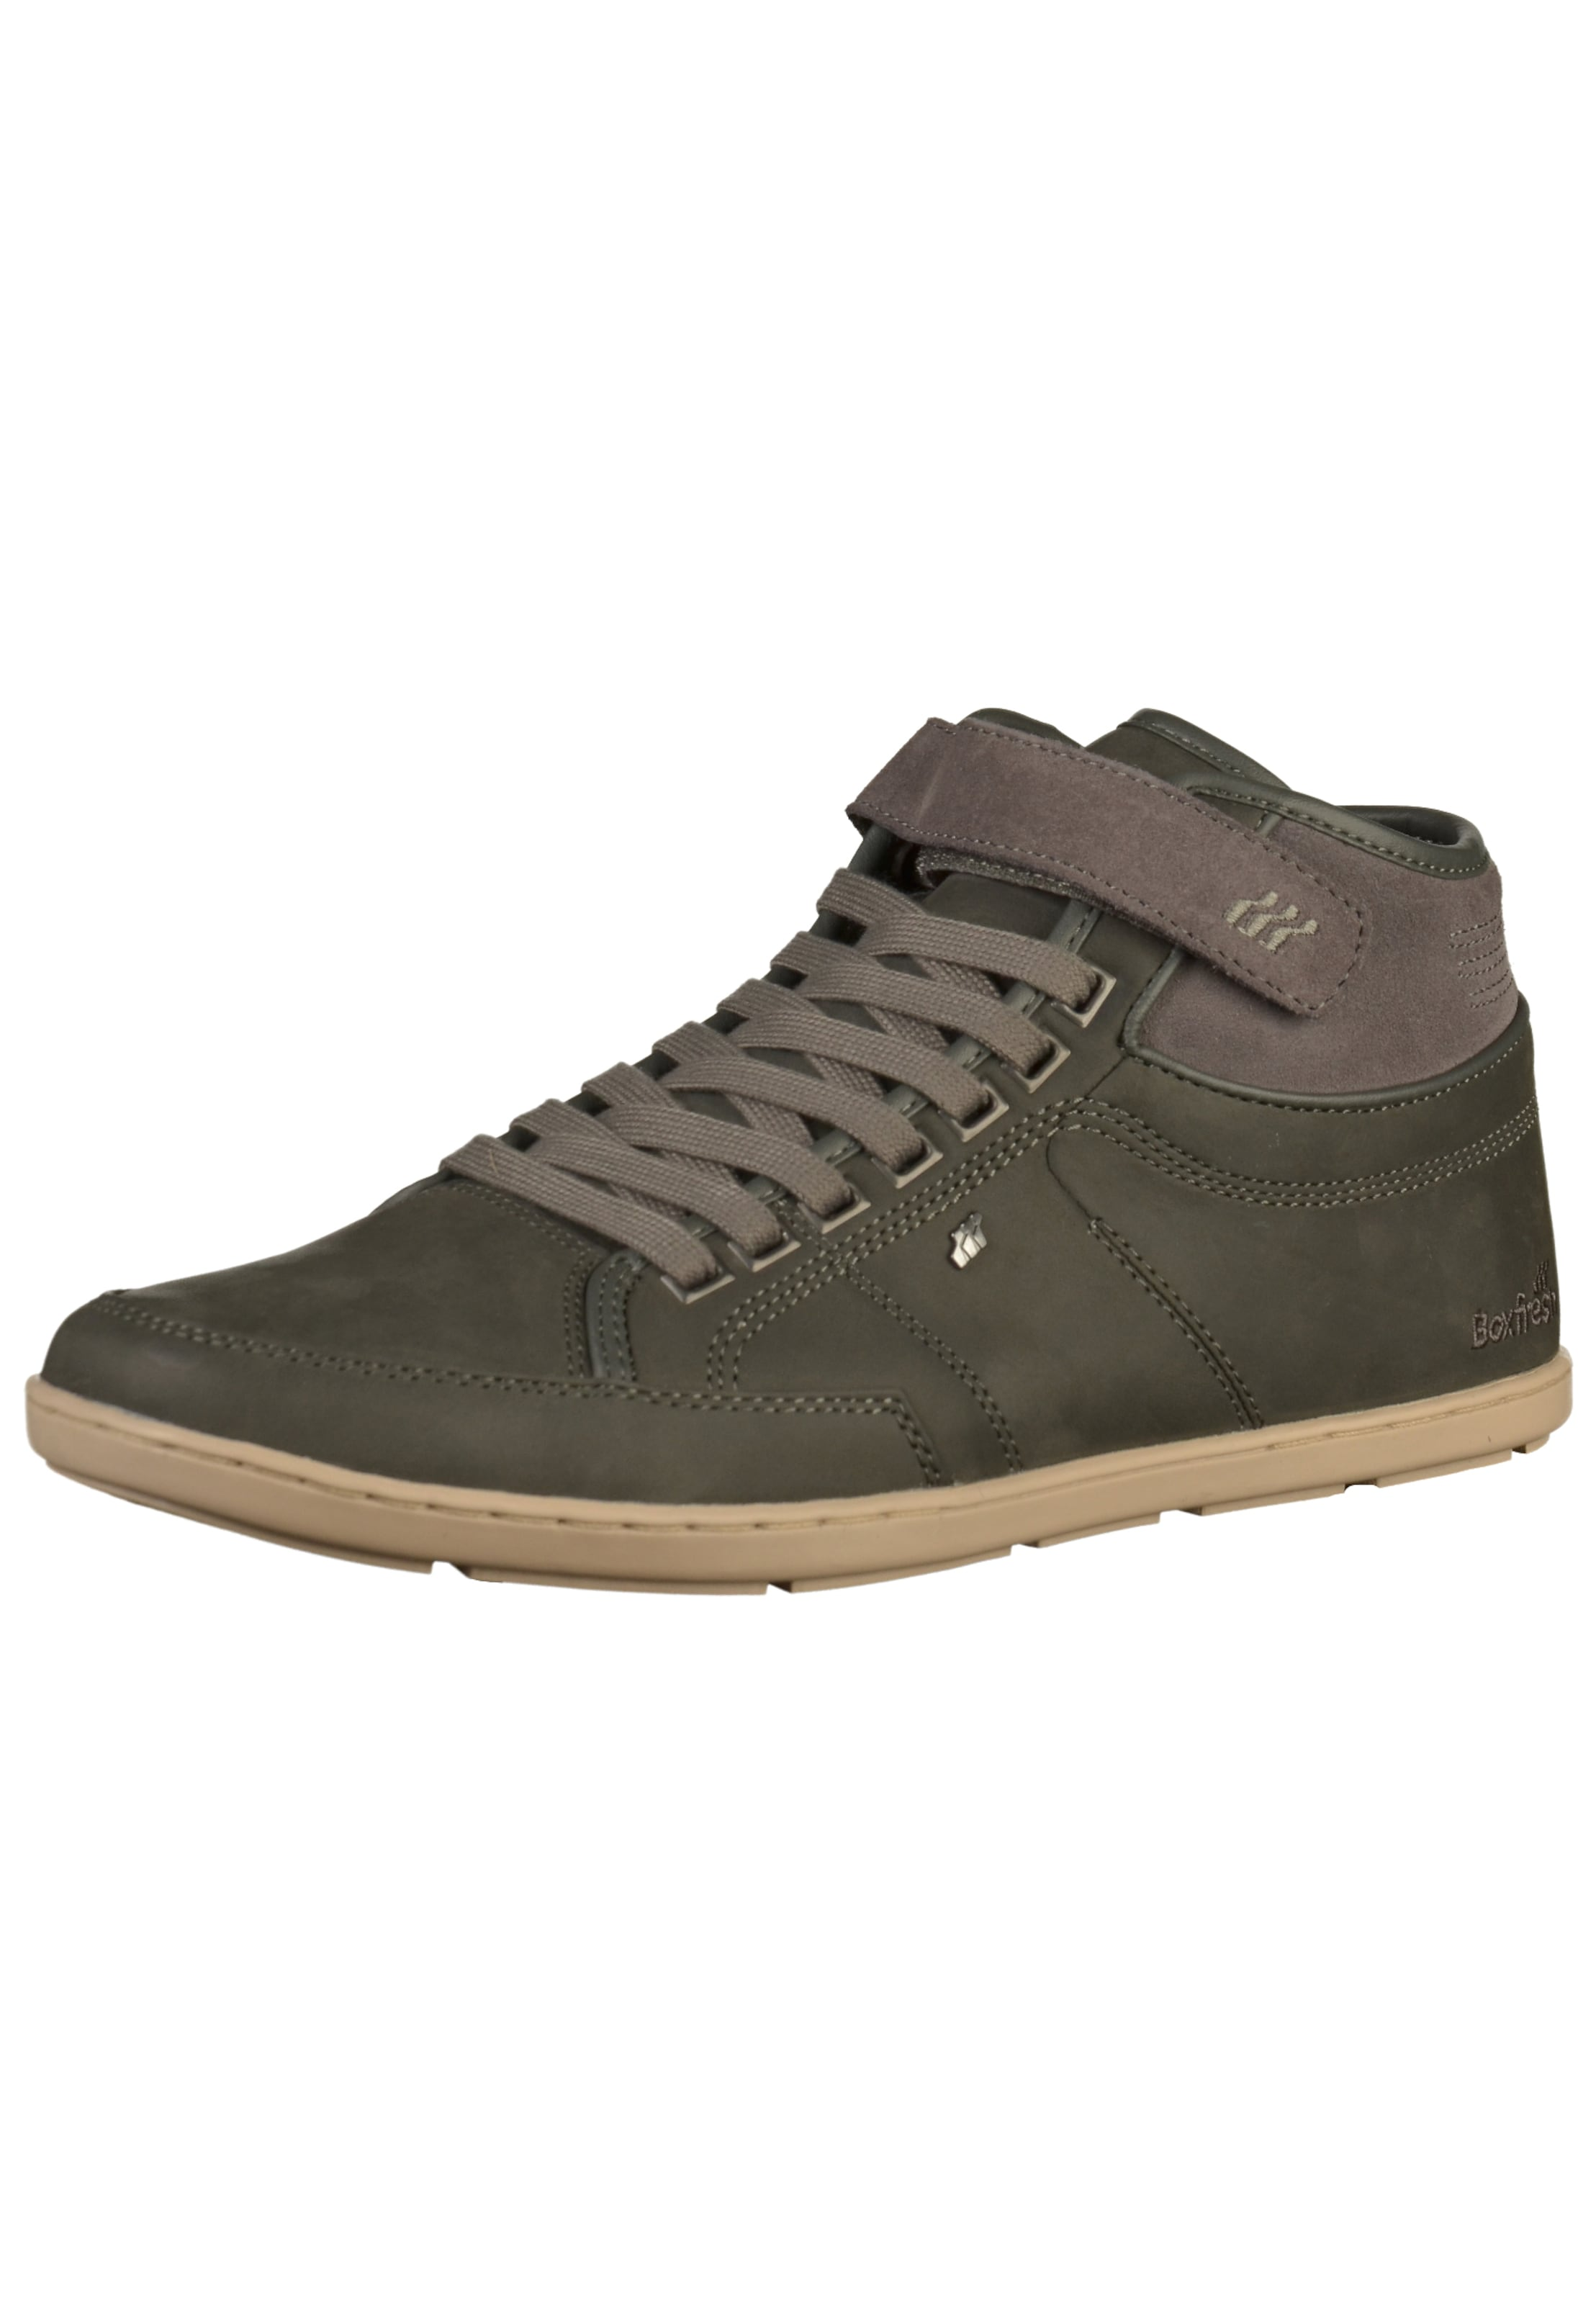 BOXFRESH Sneaker Verschleißfeste billige Schuhe Hohe Qualität